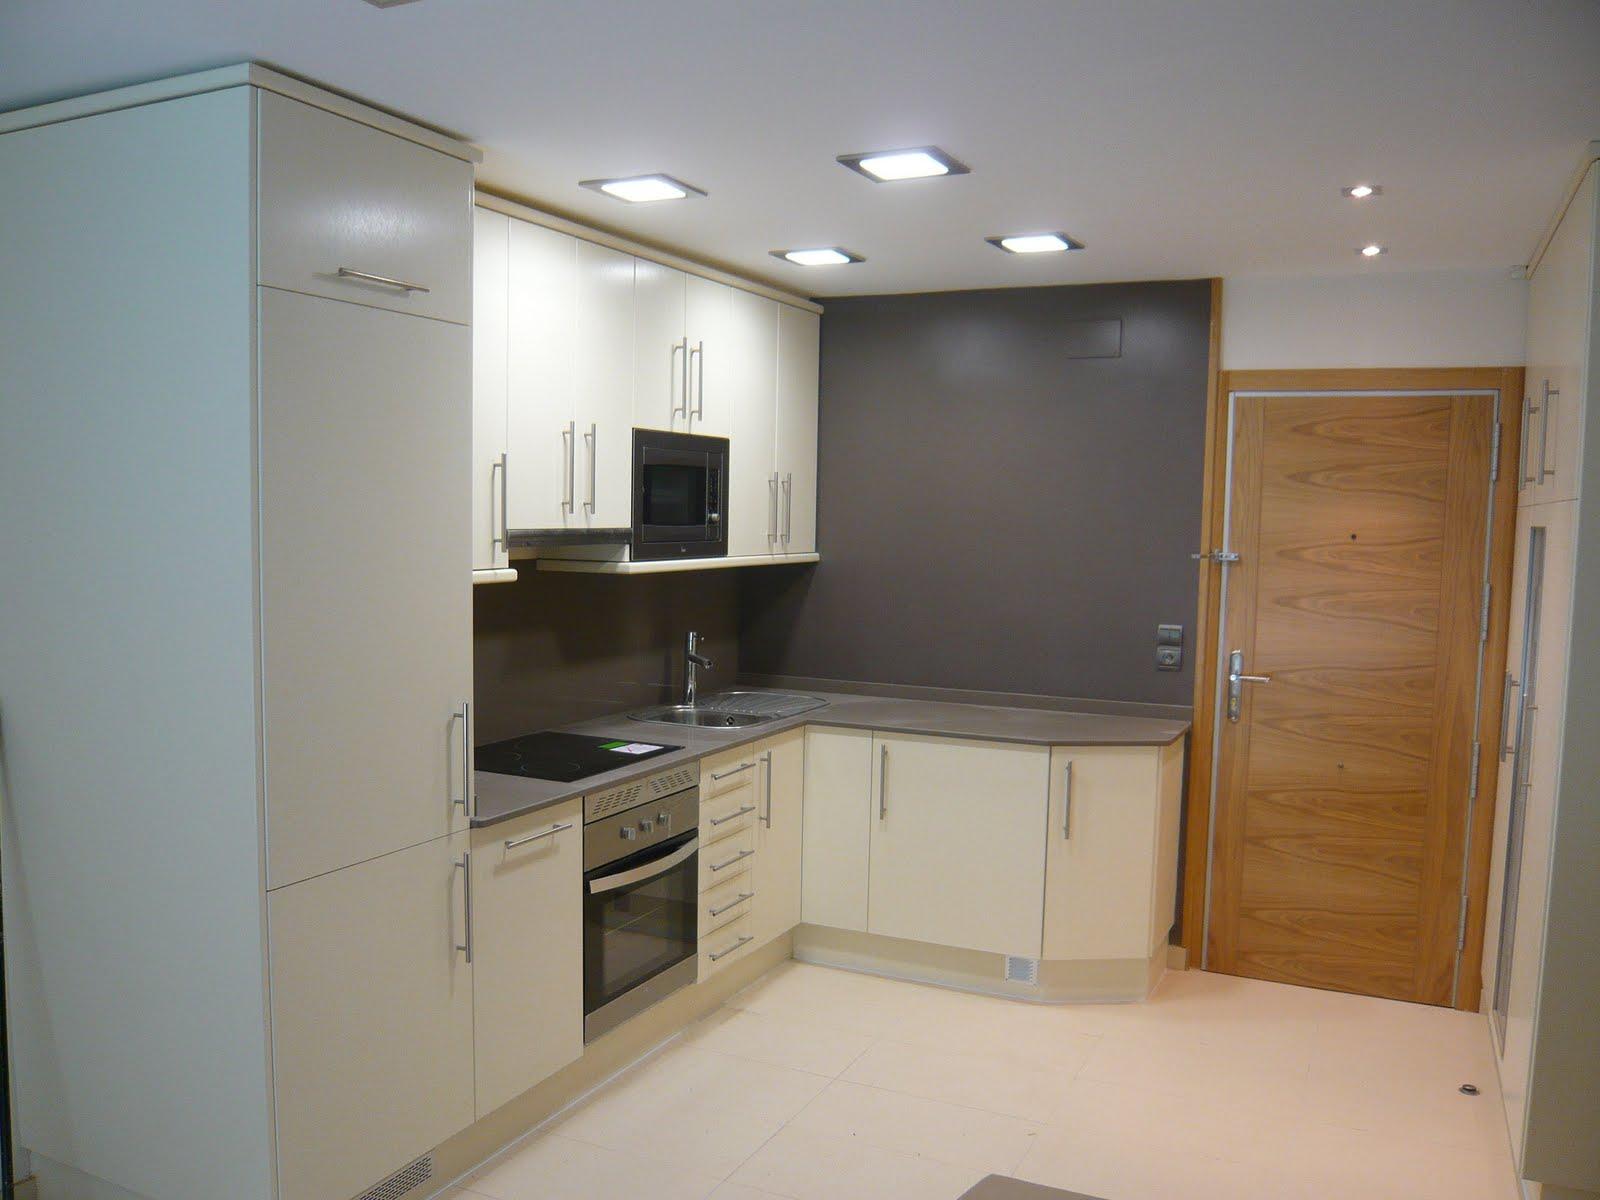 Reuscuina cocina en formica color crema - Muebles cocina formica ...